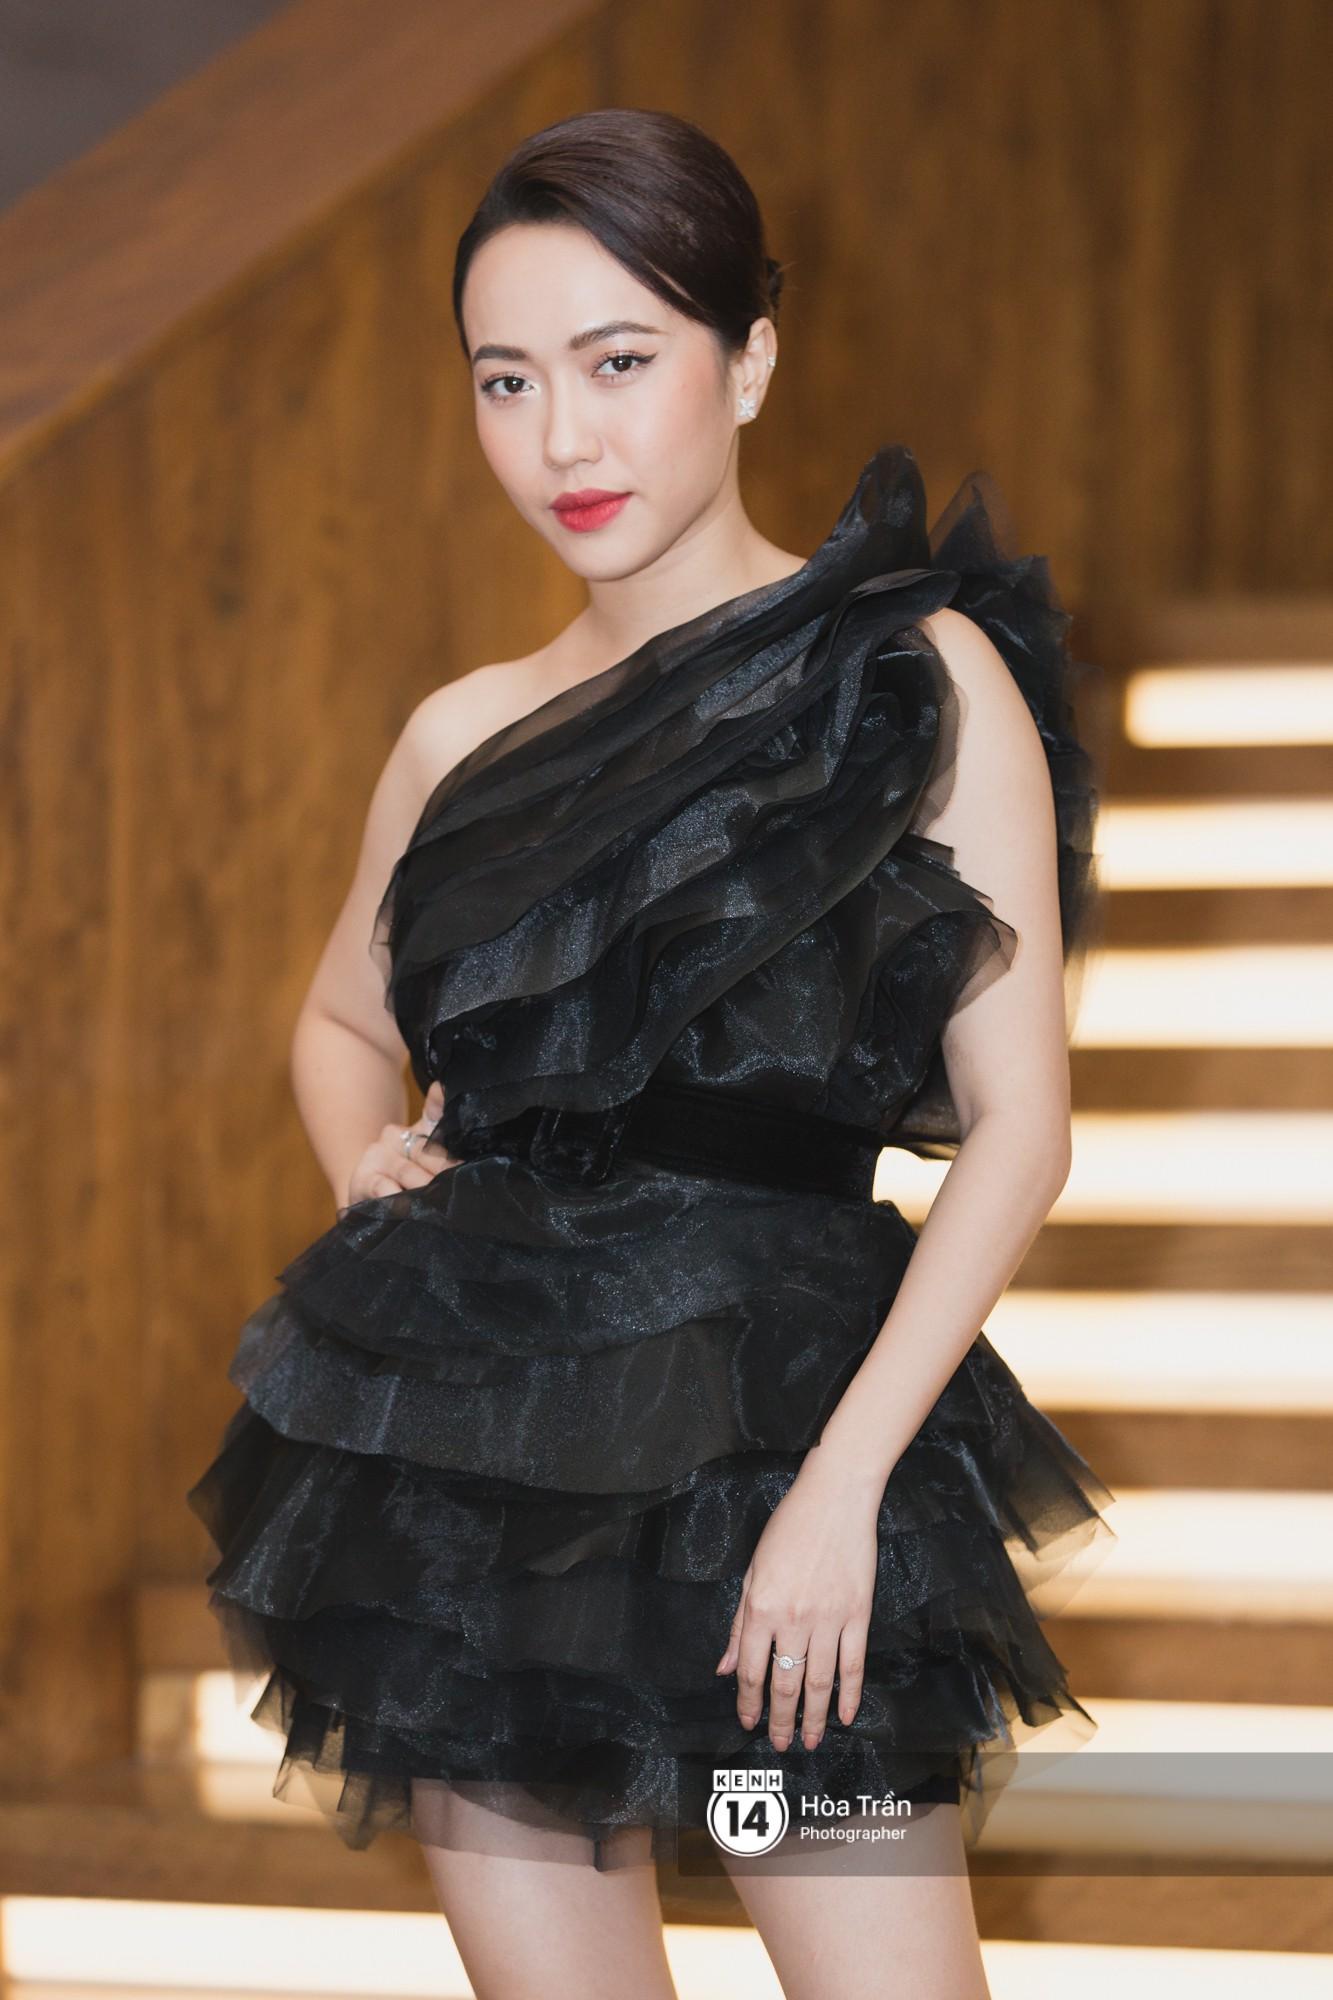 Giữa một dàn mỹ nhân giật giũ như Hari và Jun Vũ, Hoa hậu Đặng Thu Thảo giản dị mà vẫn trội bật - Ảnh 10.